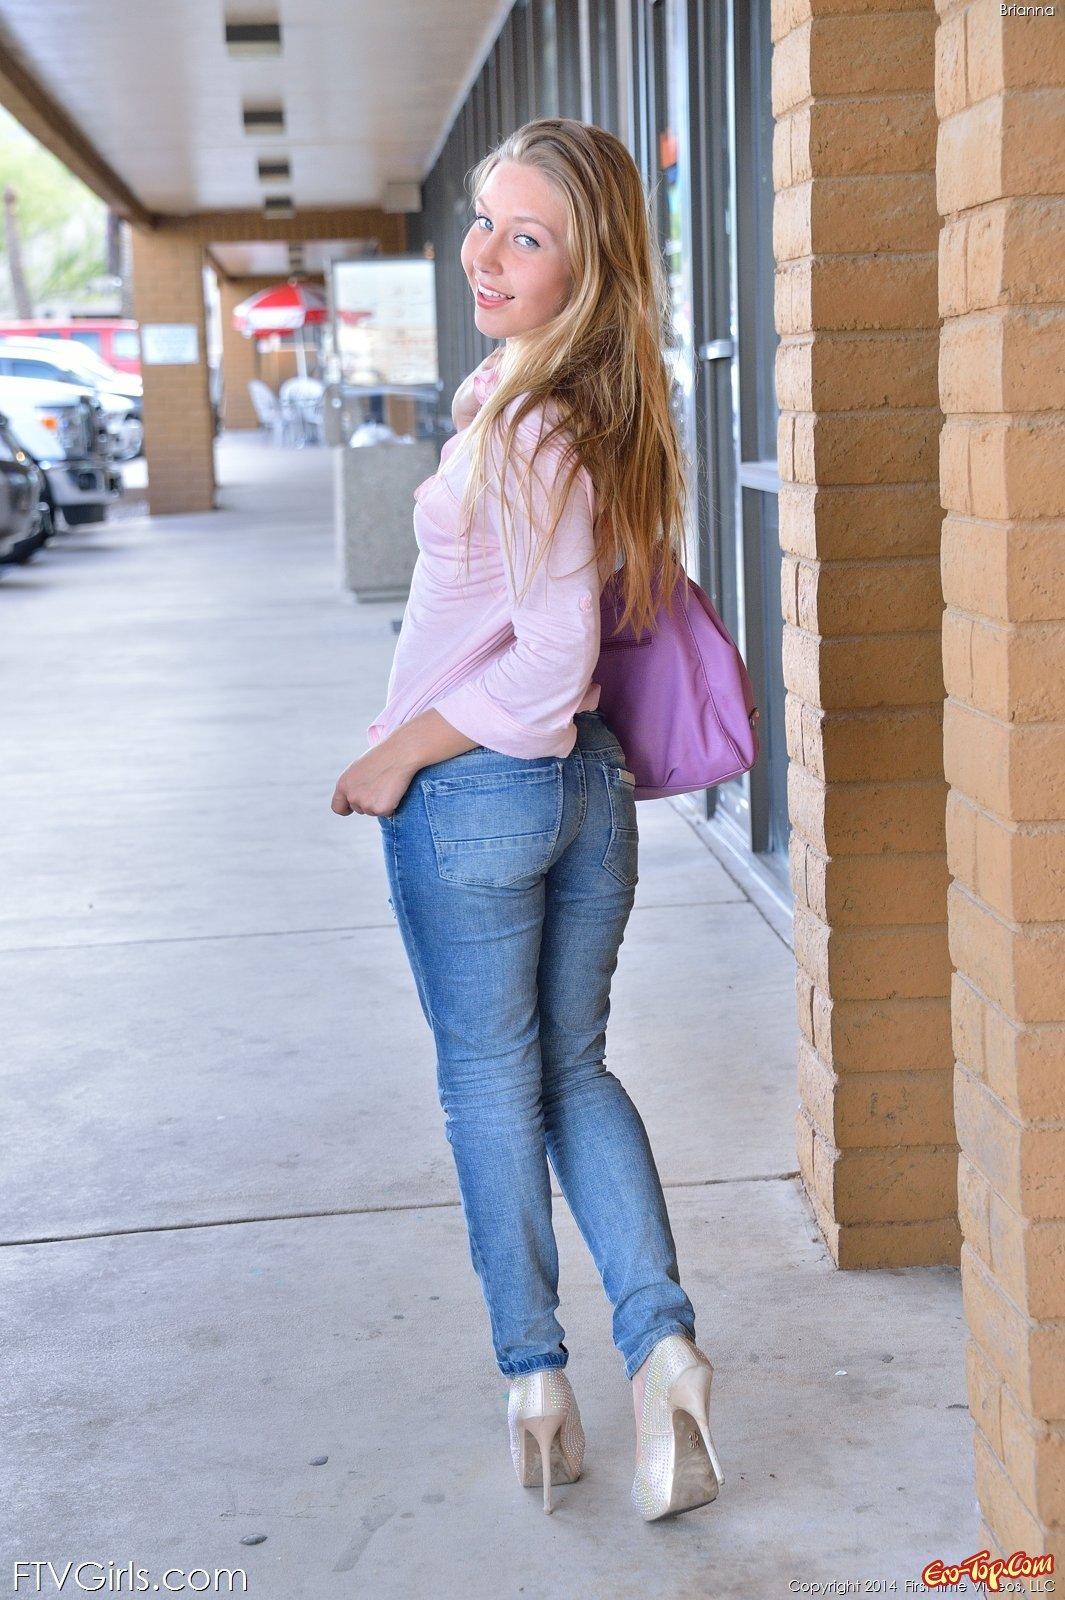 Деваха выставила напоказ писю сняв джинсы у дороги